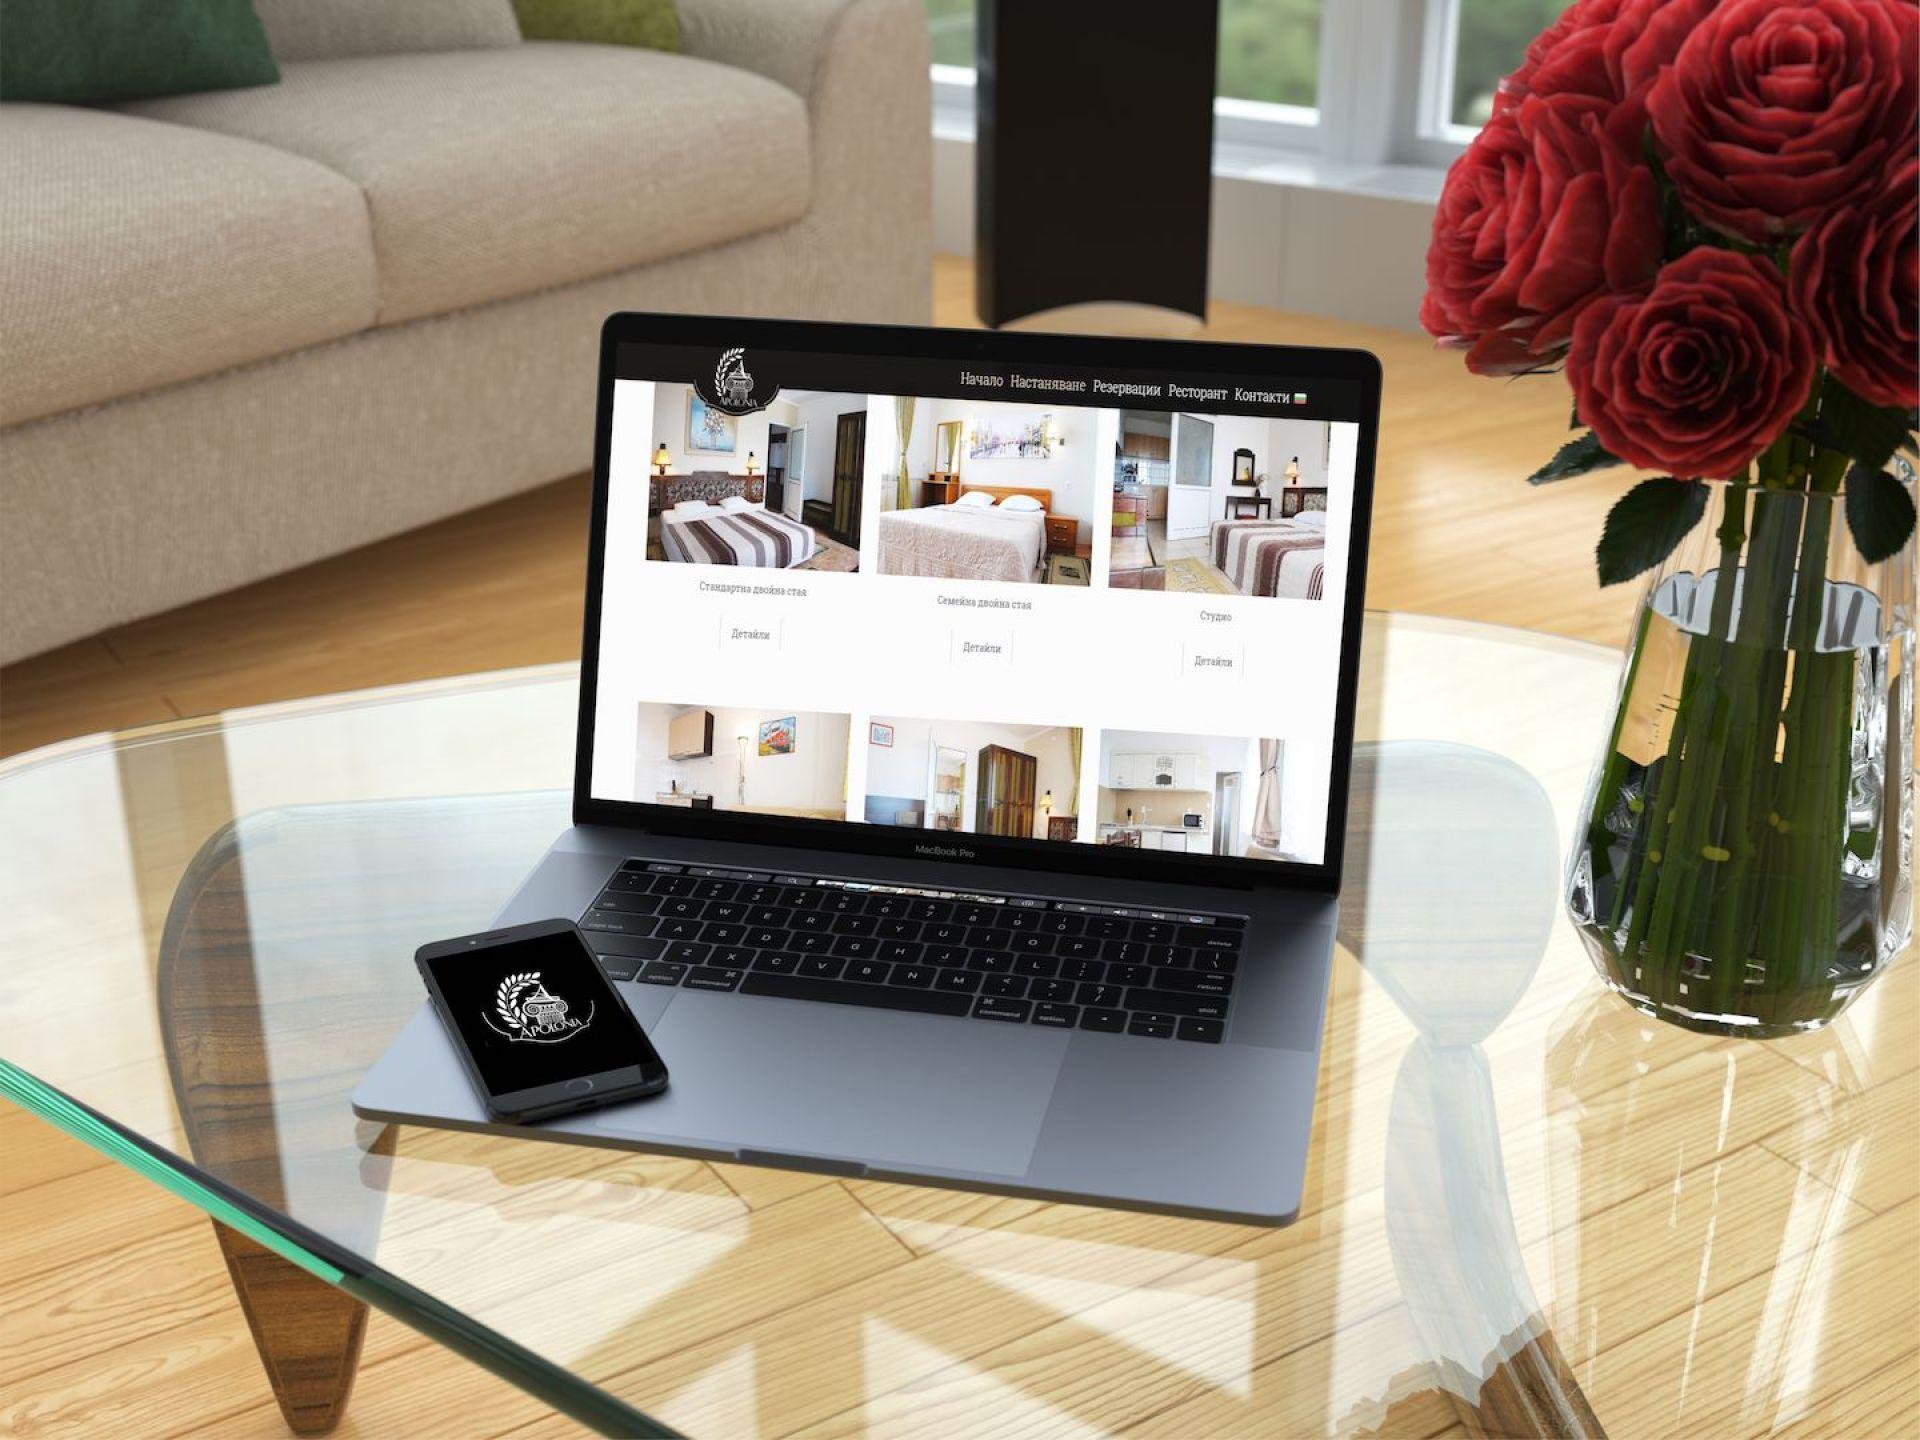 СтудиоУЕБ предлага на своите клиенти стабилност и разпознаваемост в интернет пространството